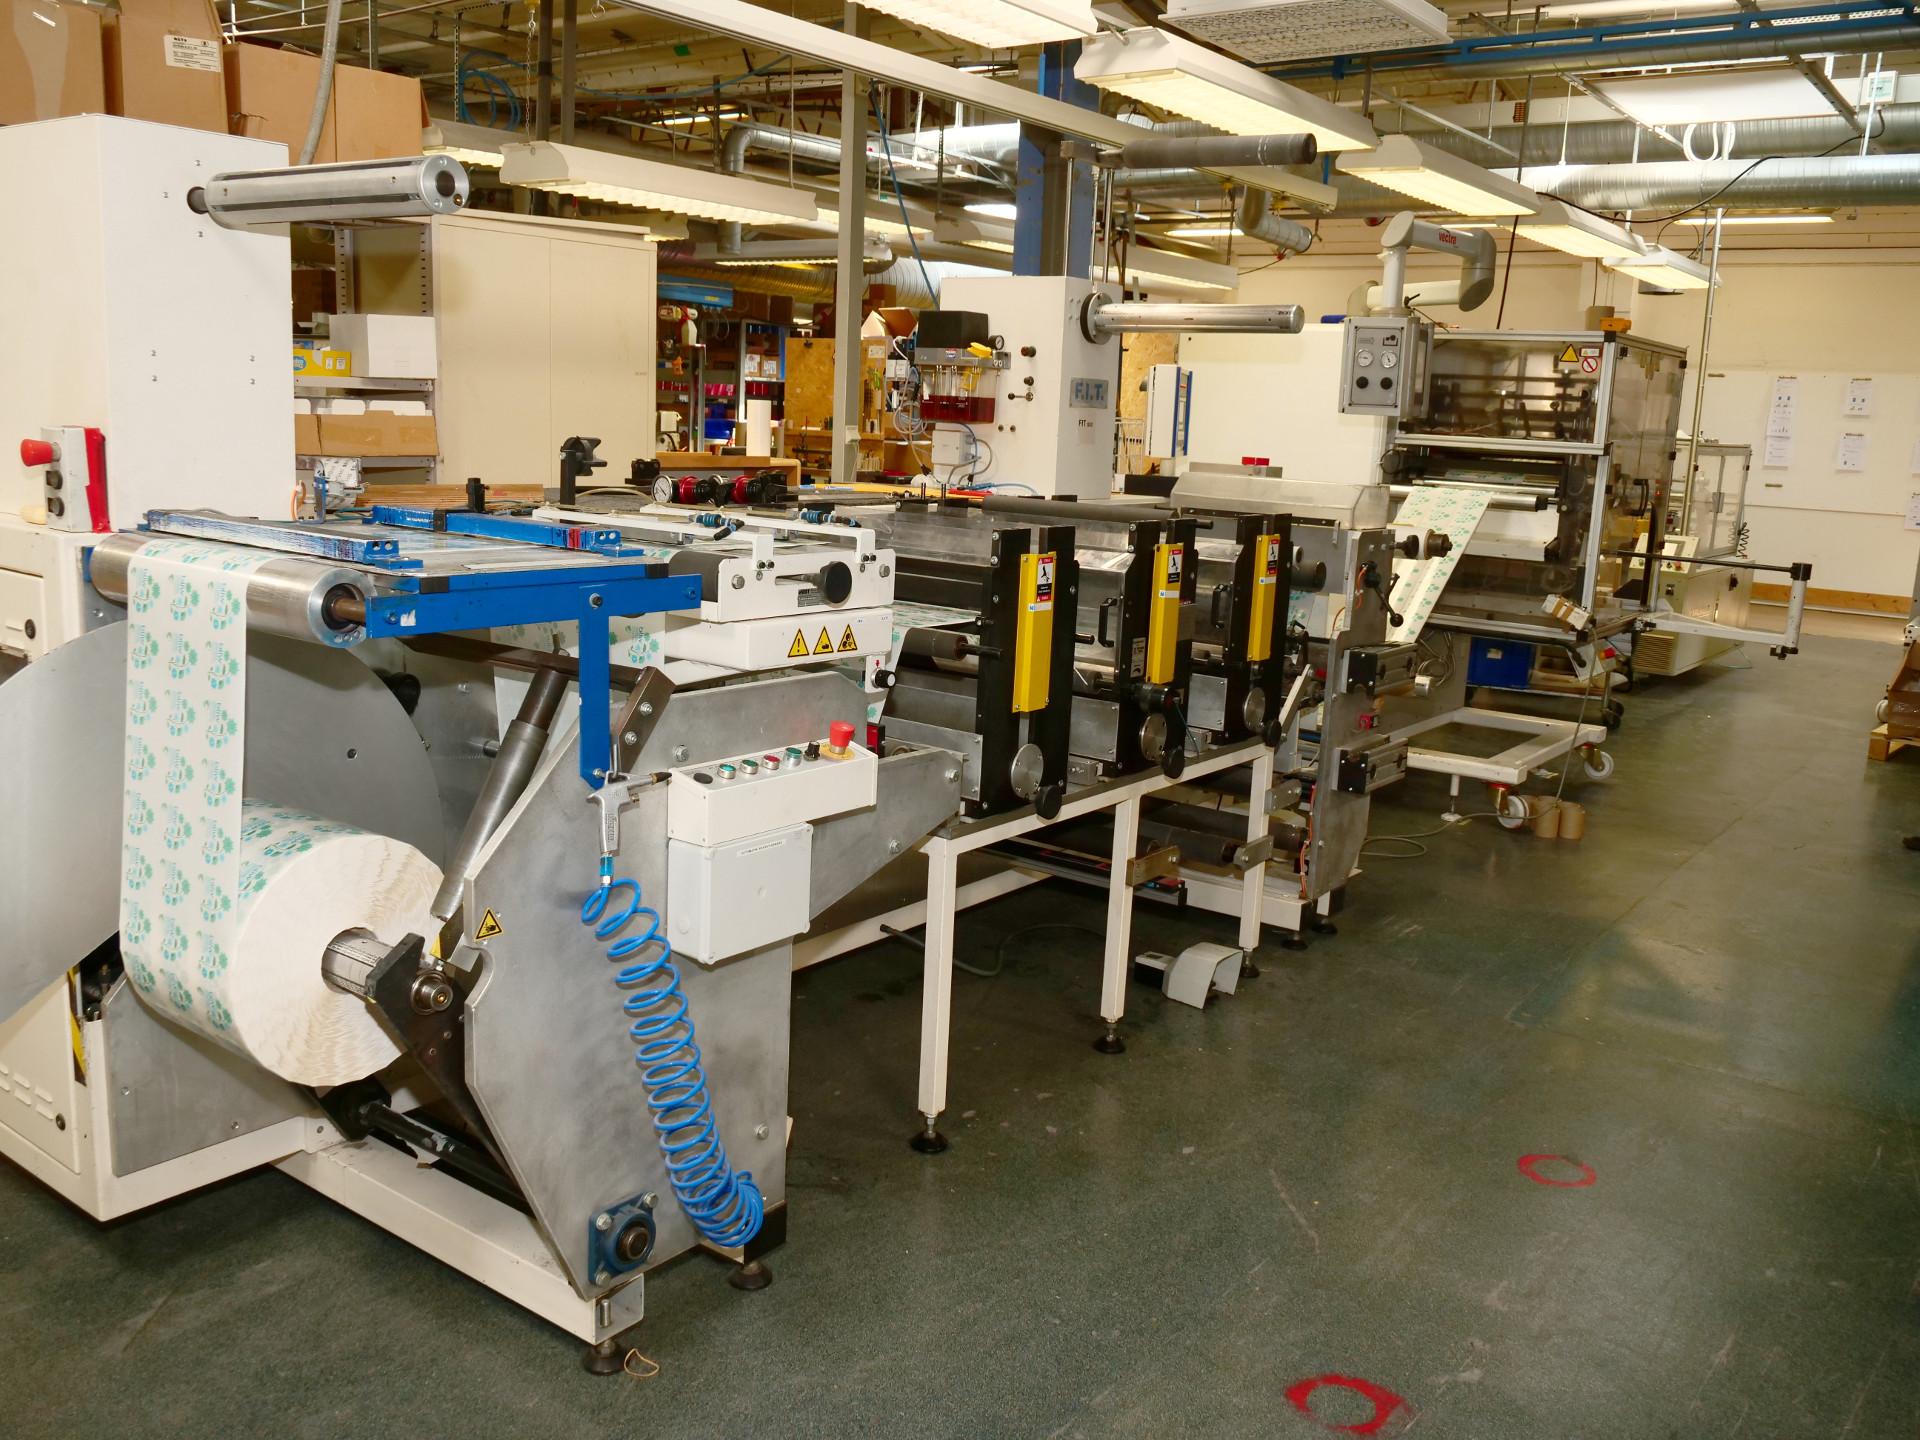 FIT Die cutter Slitter Rewinder - ABG Turret 510P1032000-h